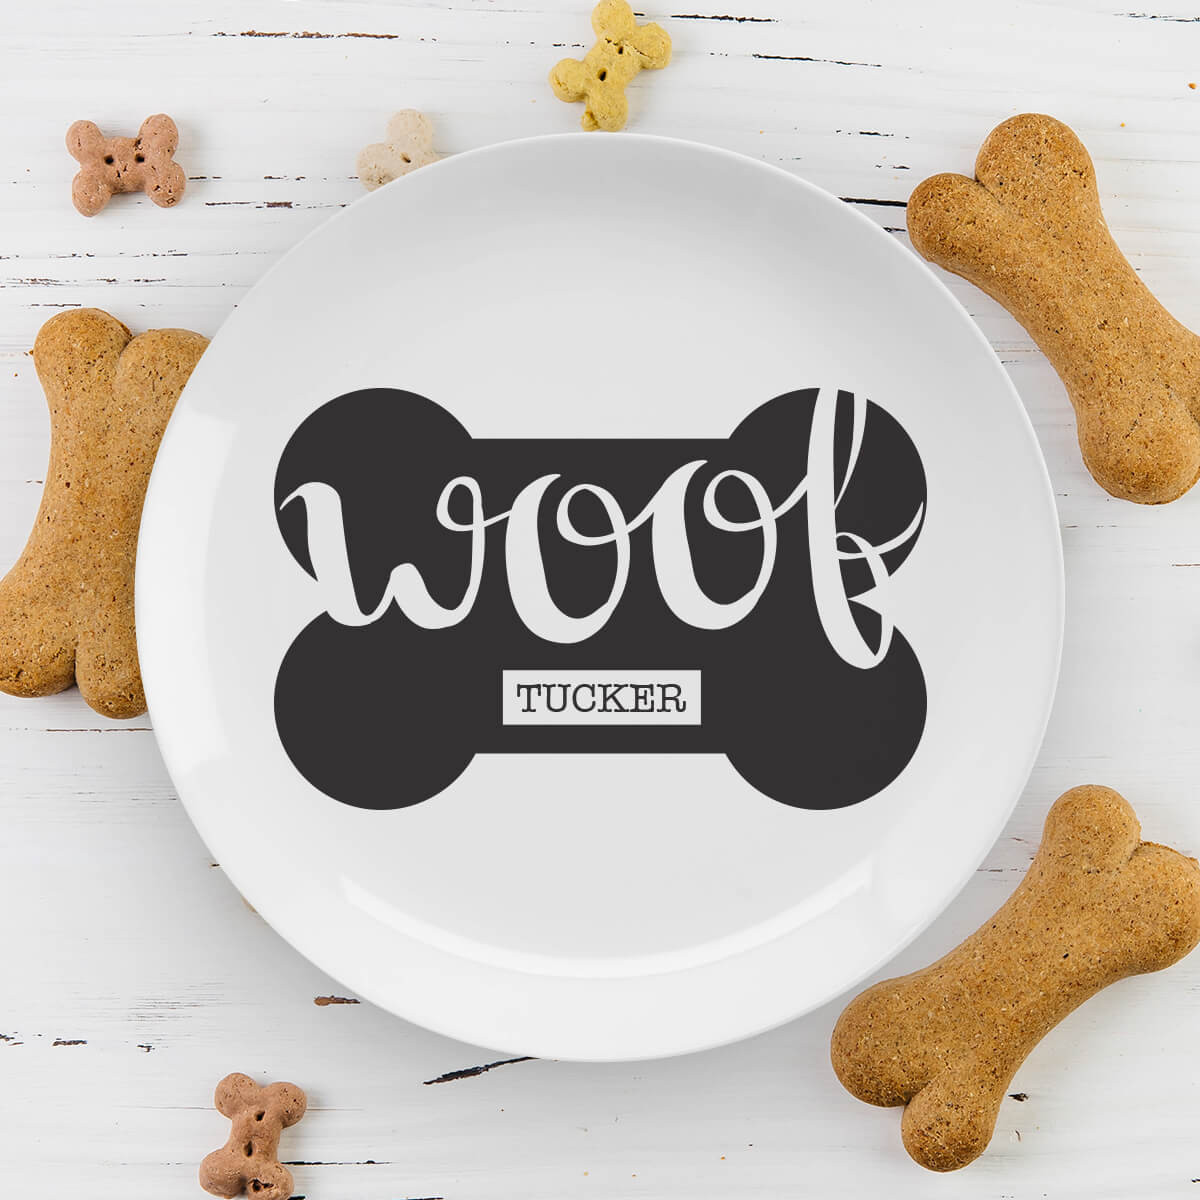 personalised woof plate